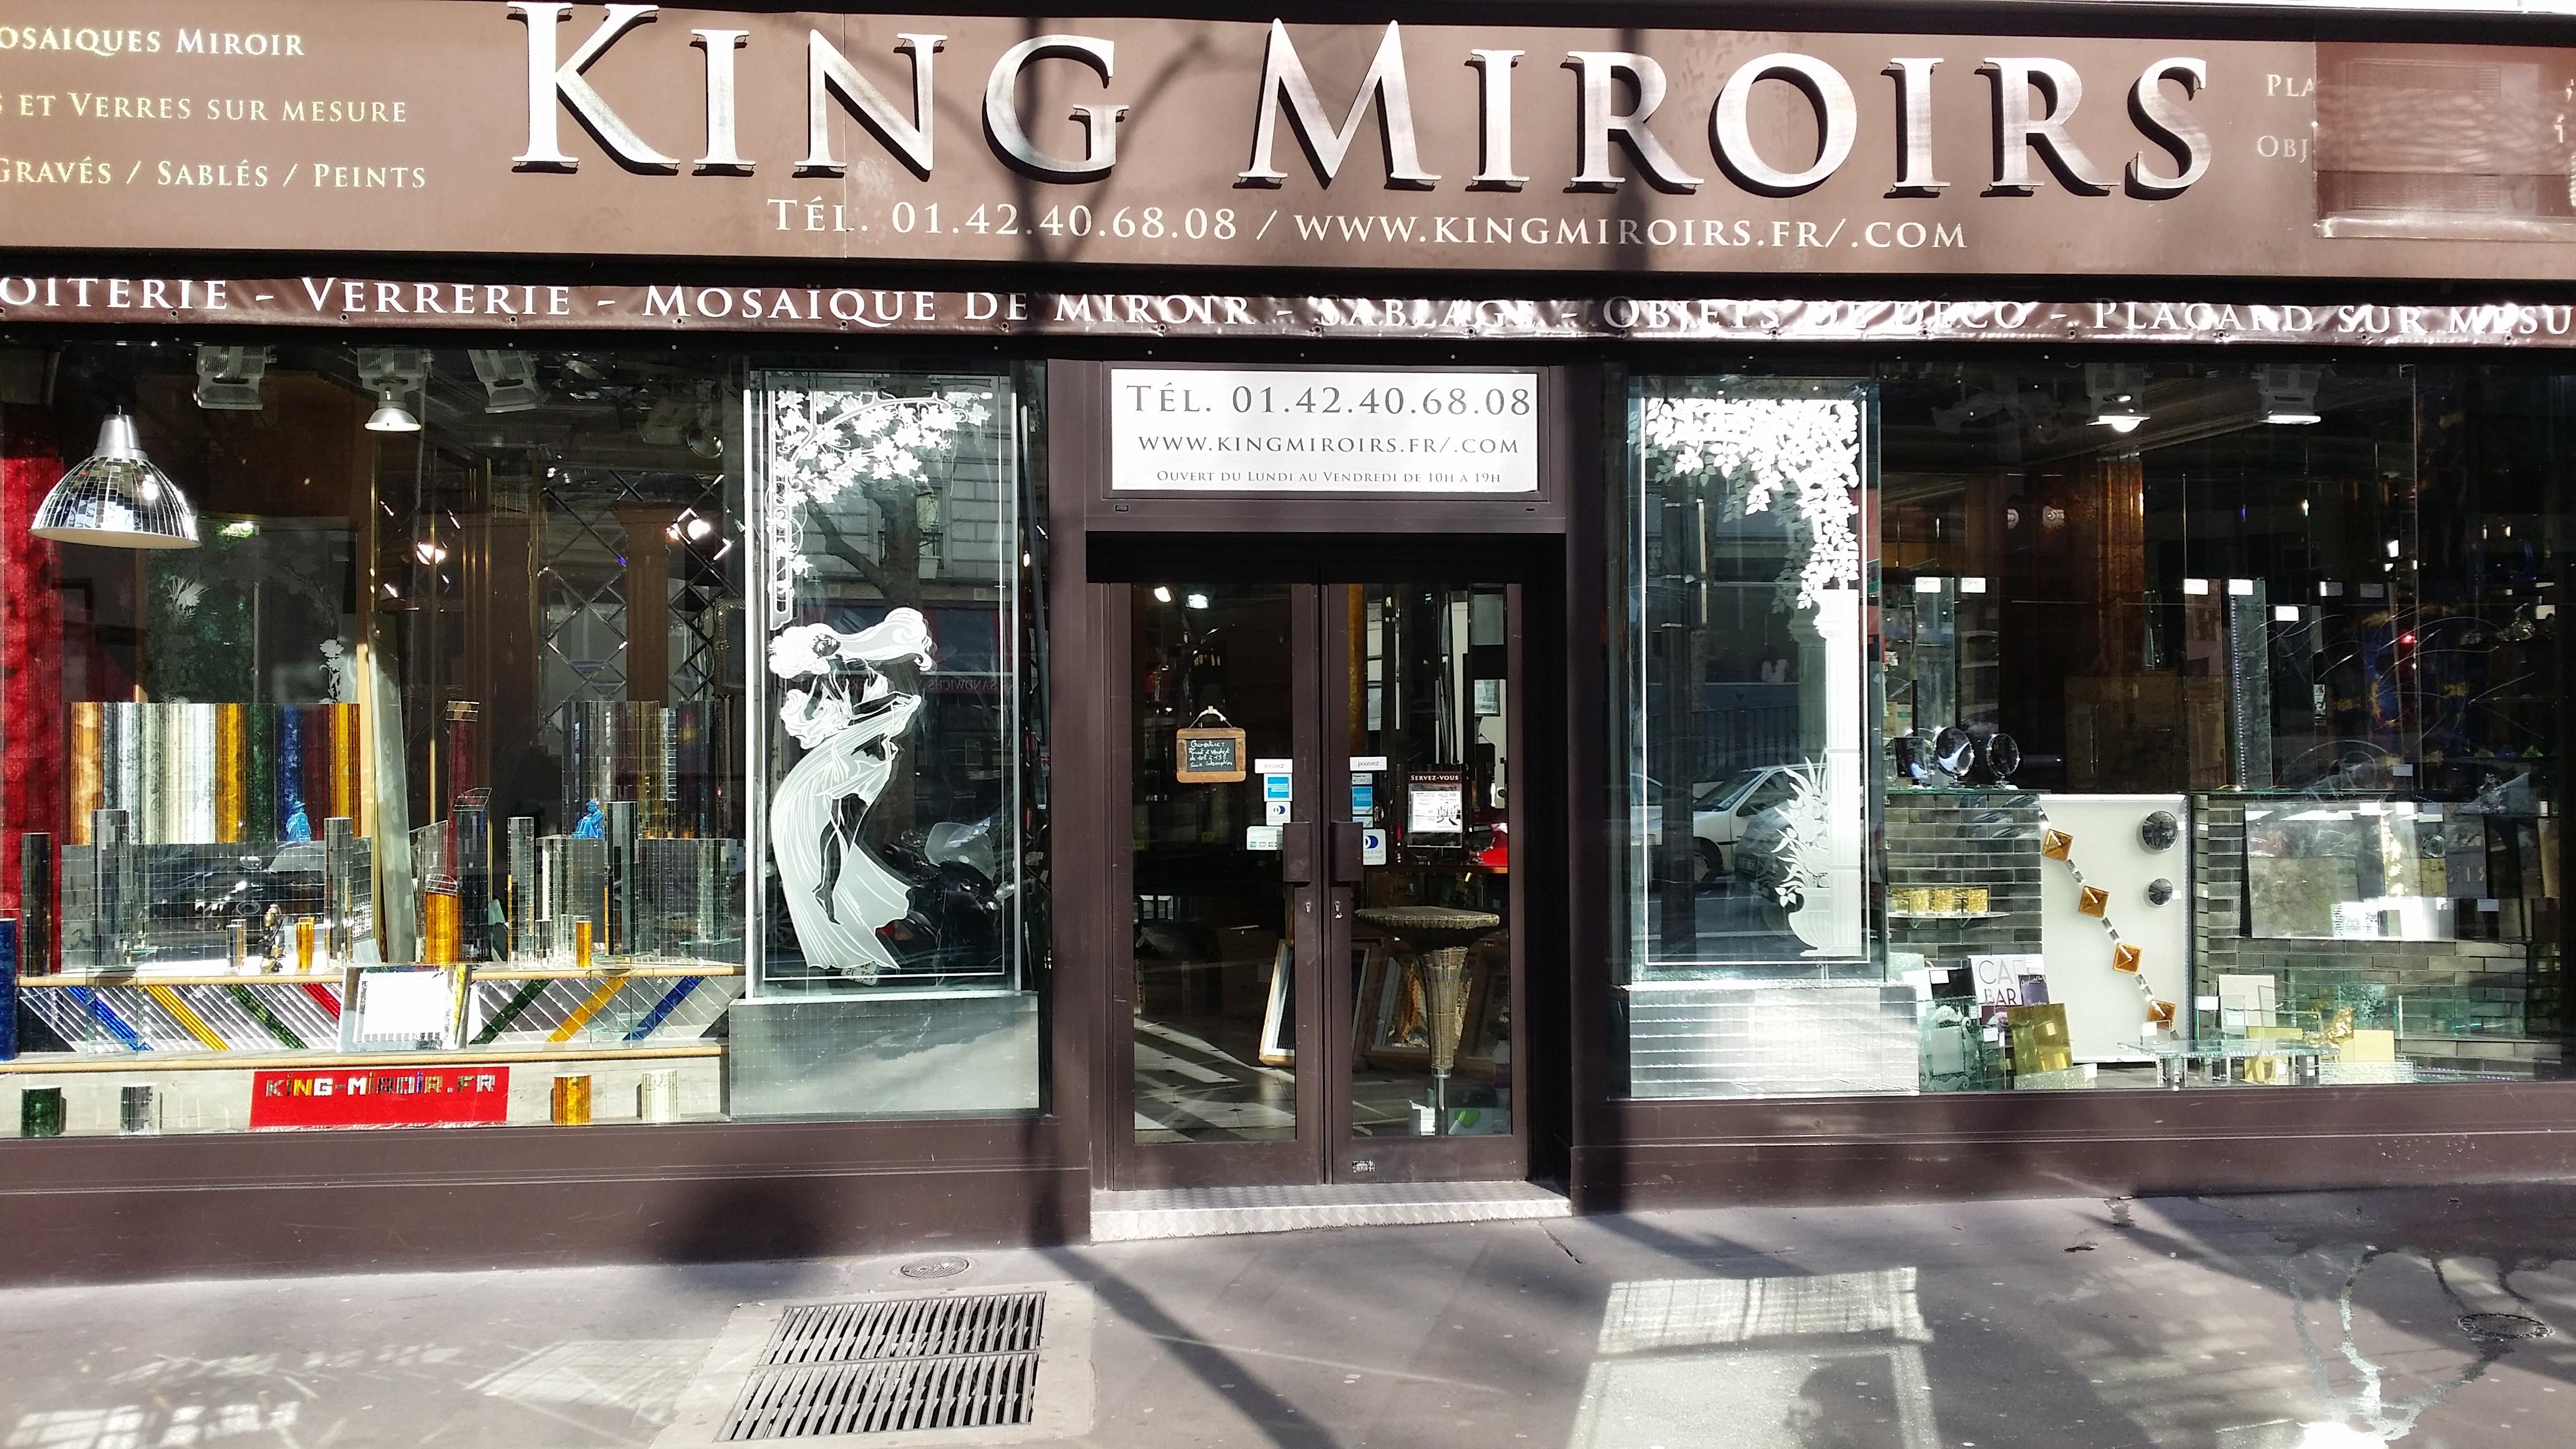 KING MIROIRS